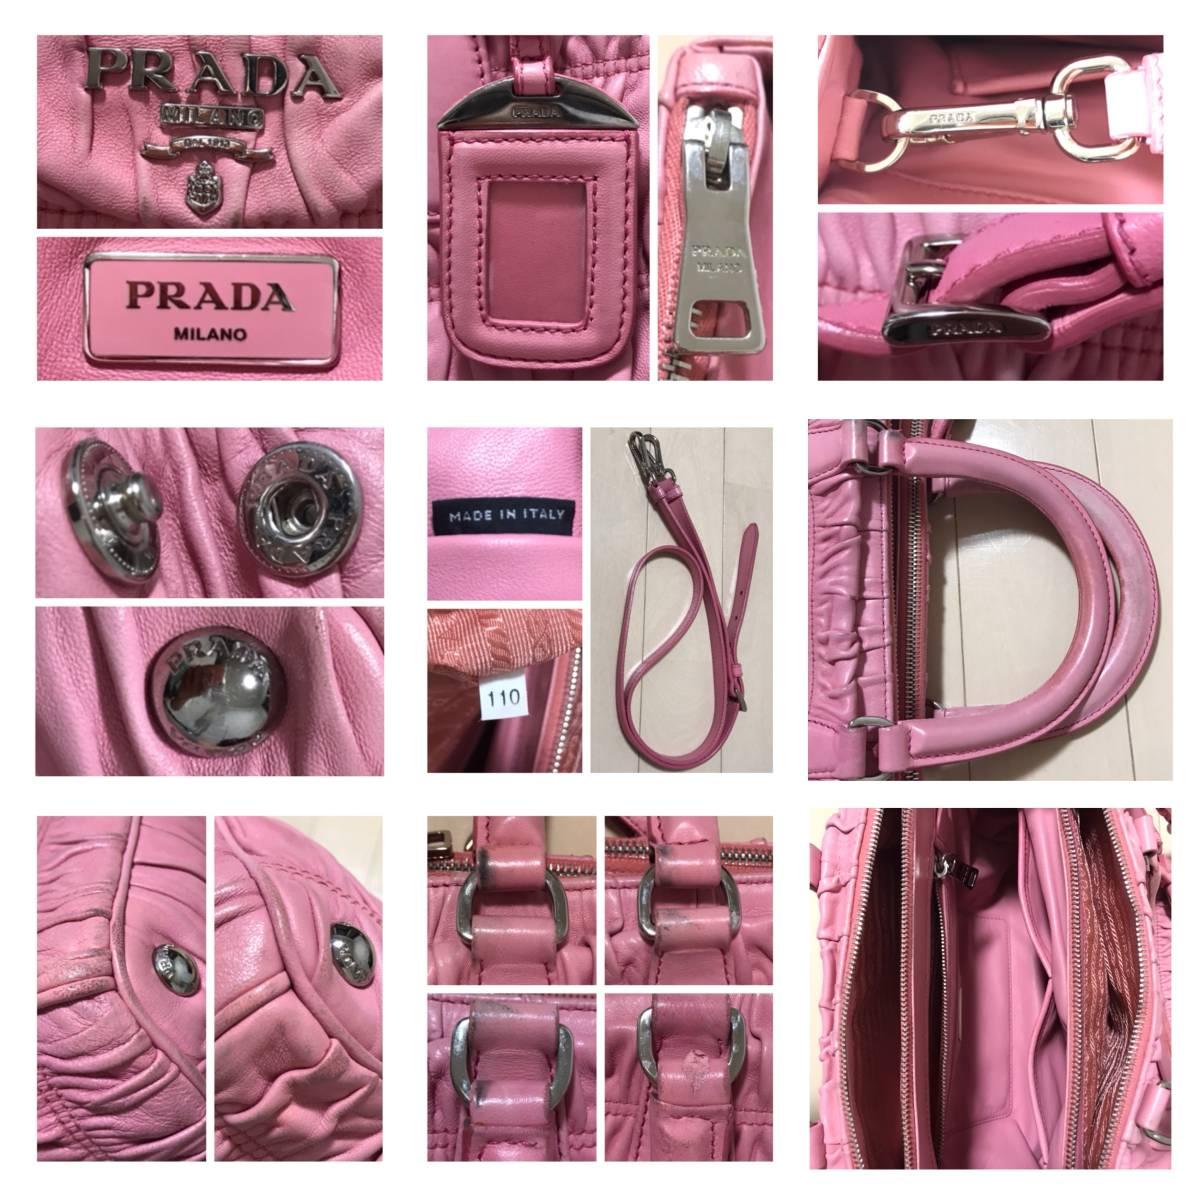 本物 PRADA プラダ オールレザー シャーリングギャザー 2WAY ハンドバッグ ピンク_画像2